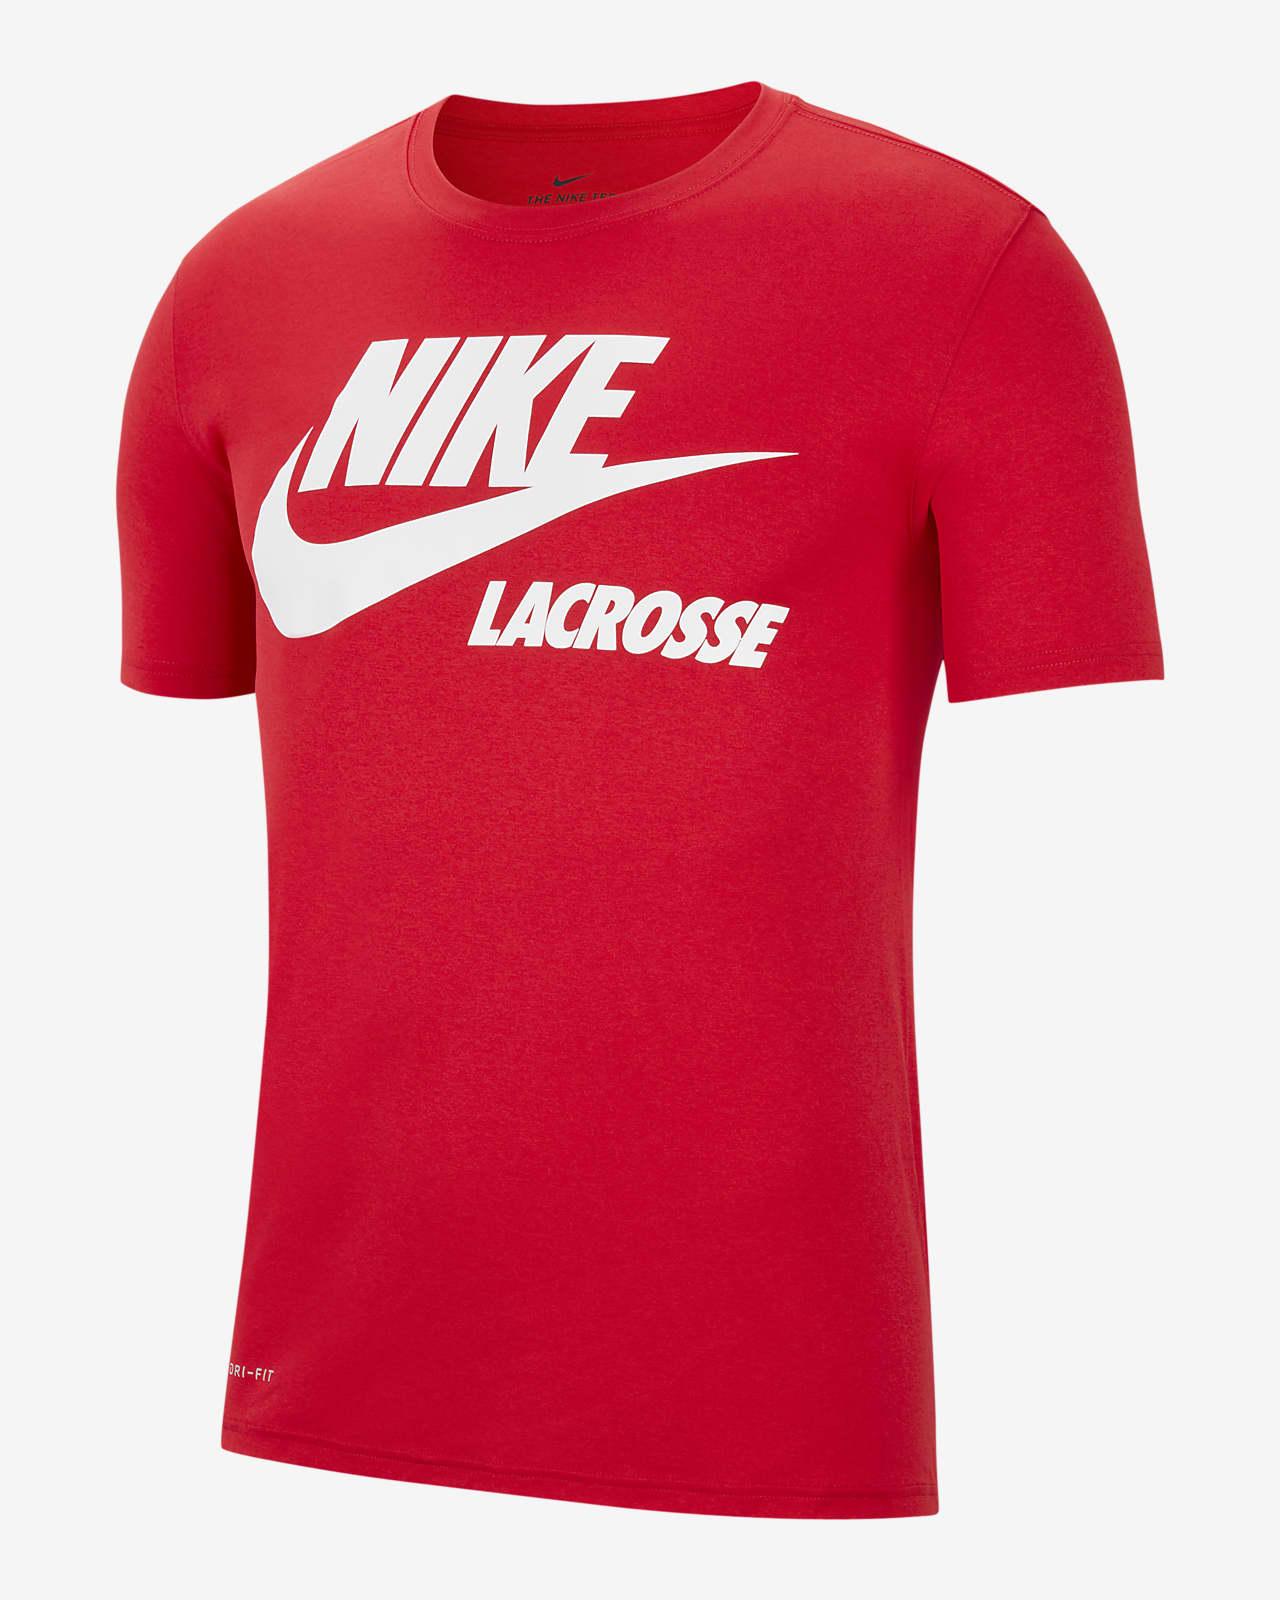 Nike Dri-FIT Men's Lacrosse T-Shirt